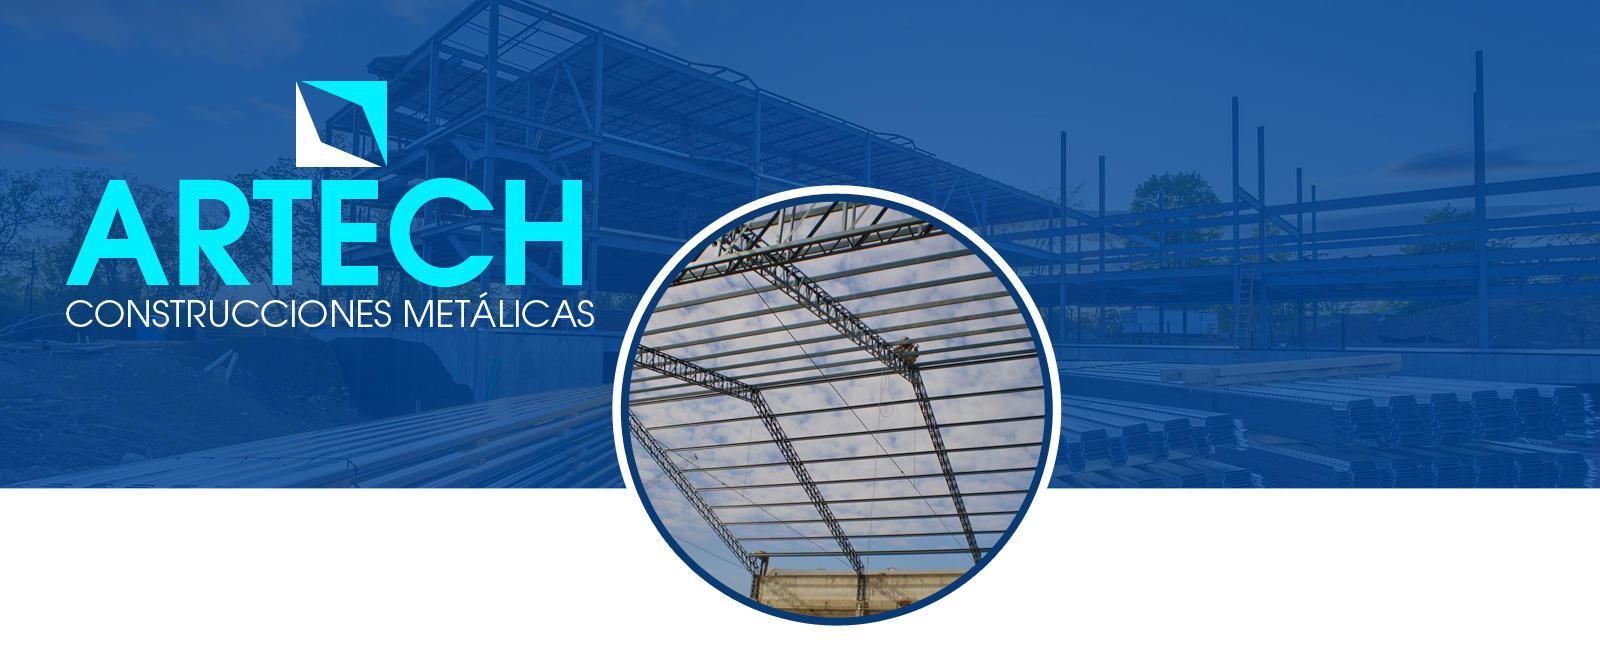 Artech Construcciones Metálicas